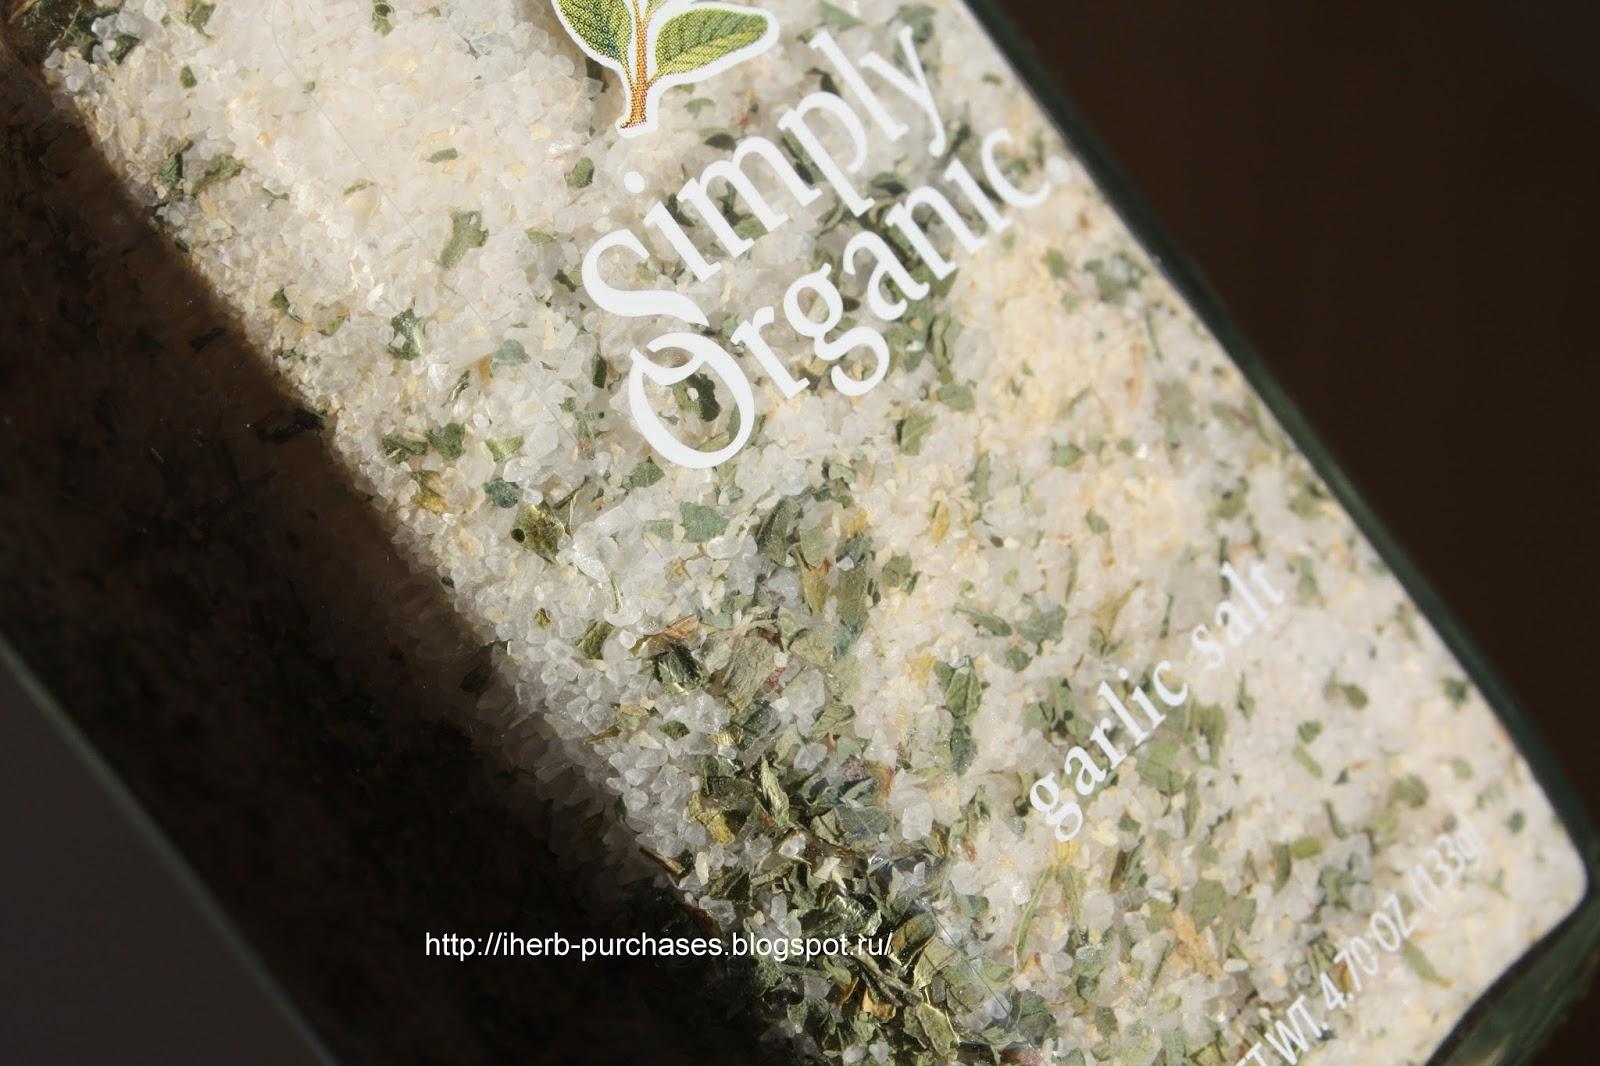 чесночная соль специи приправа рецепт где купить цена отзыв iherb